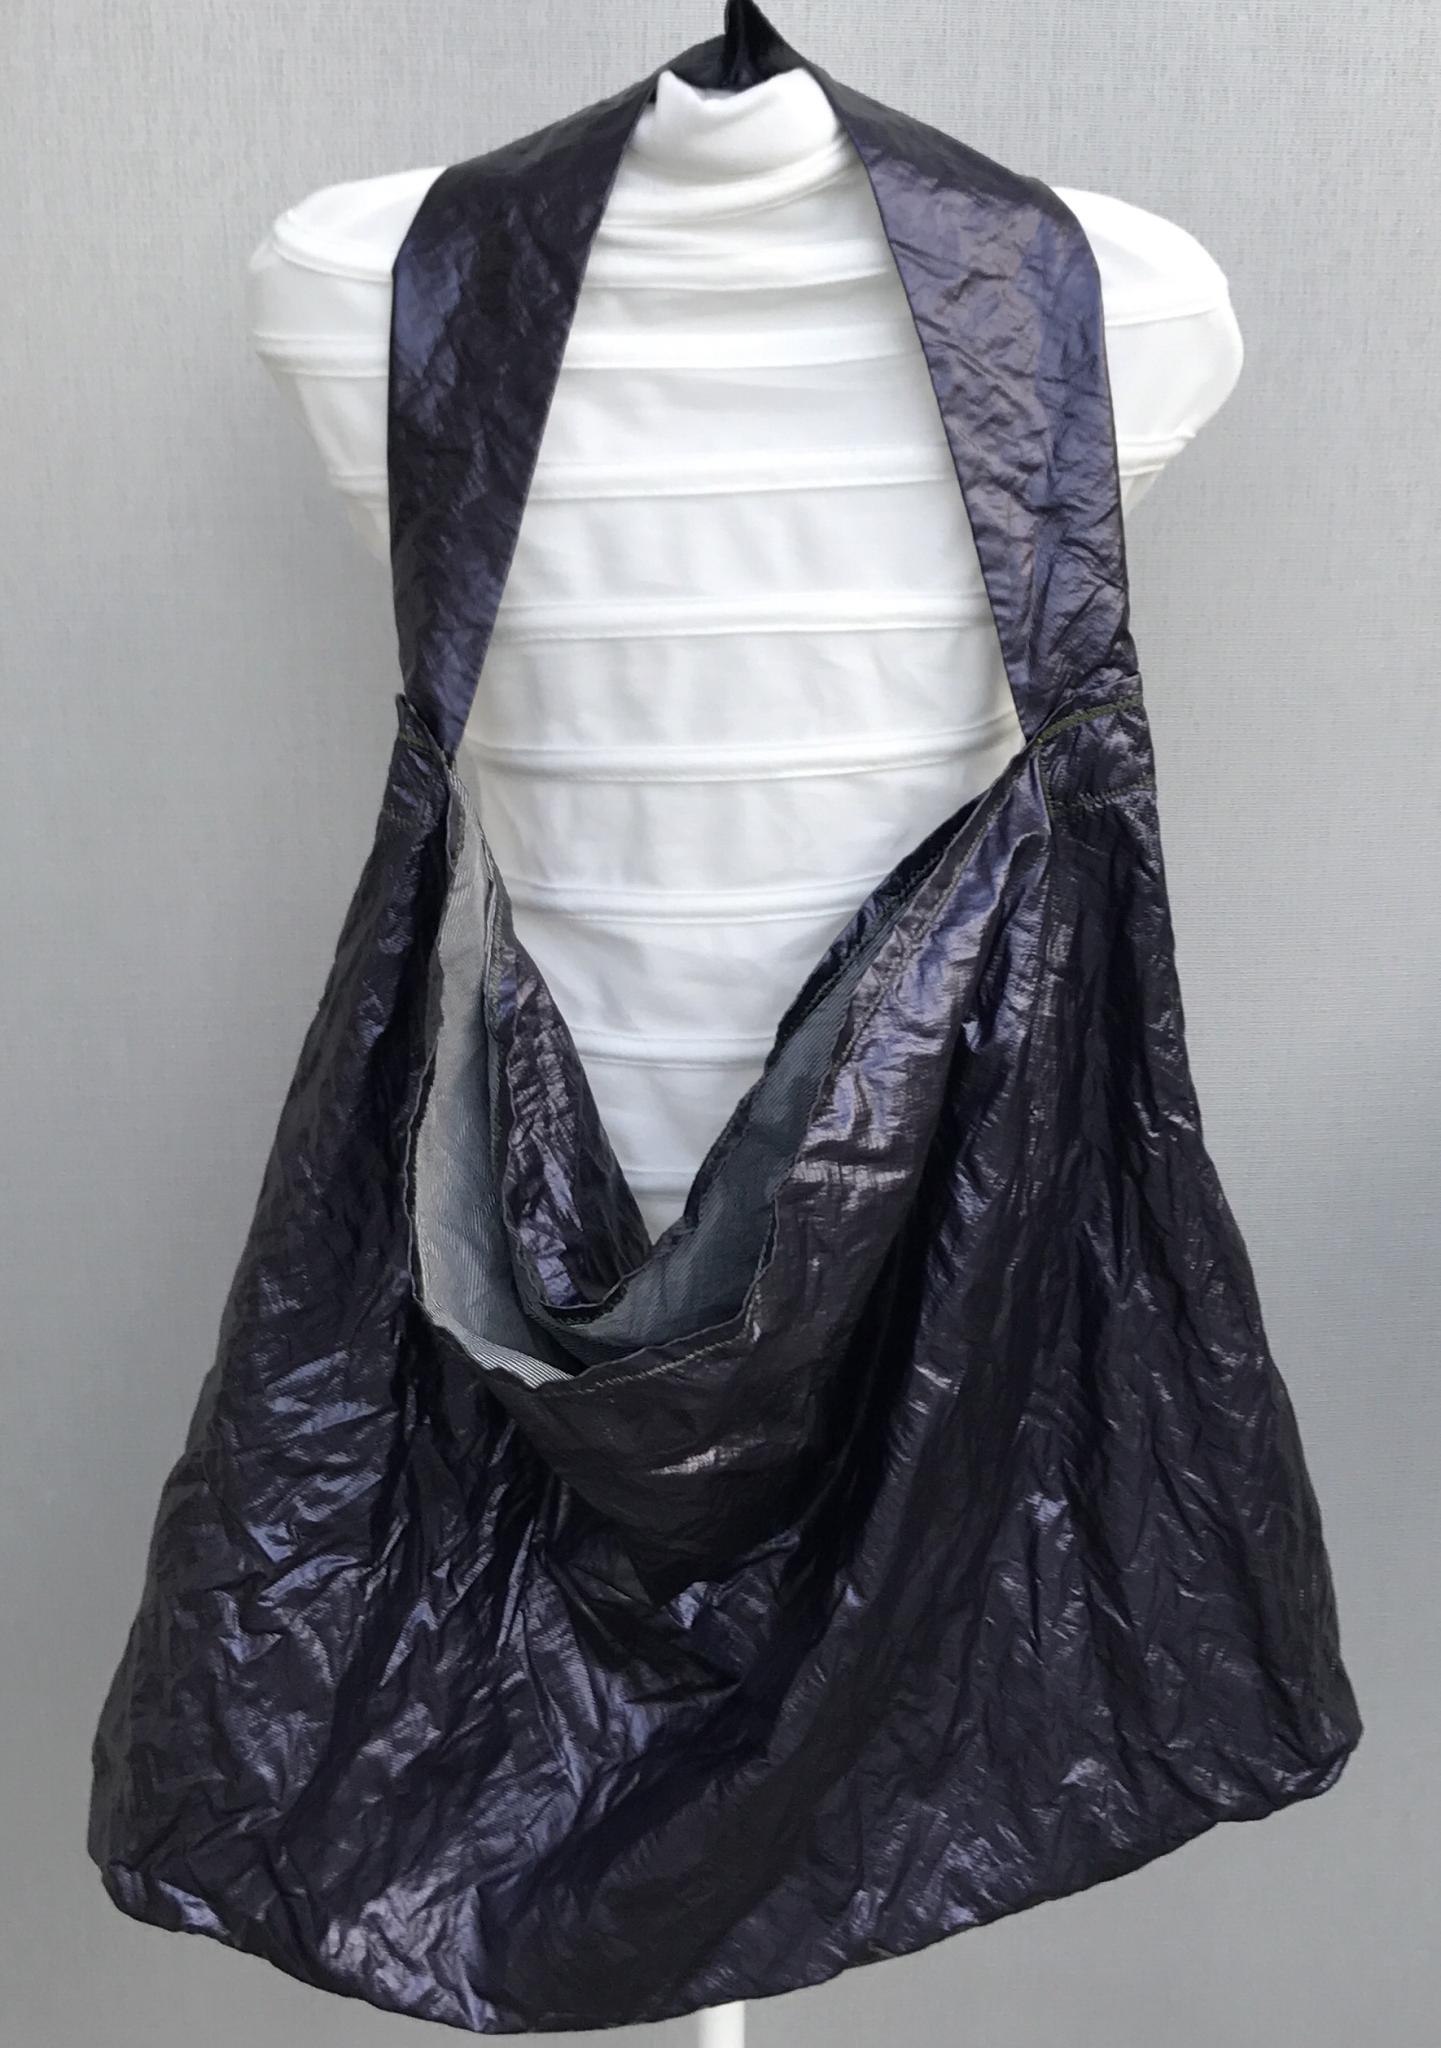 Riesige Umhängetasche lila metallic - sehr leicht!